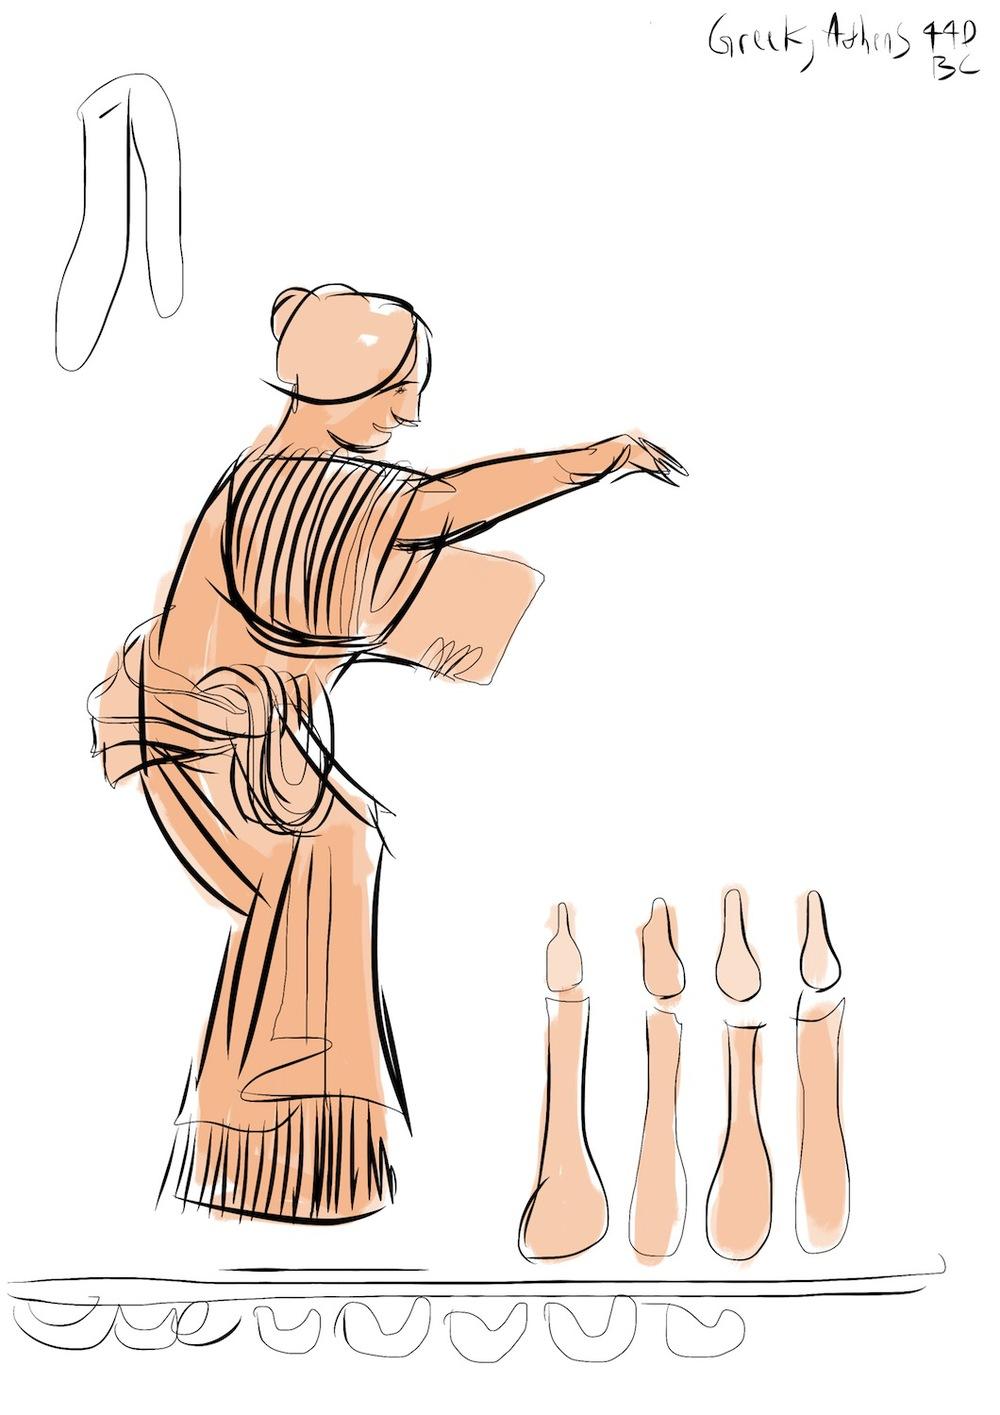 13-08-15 - digital drawing - greek sculpture - 16.jpg